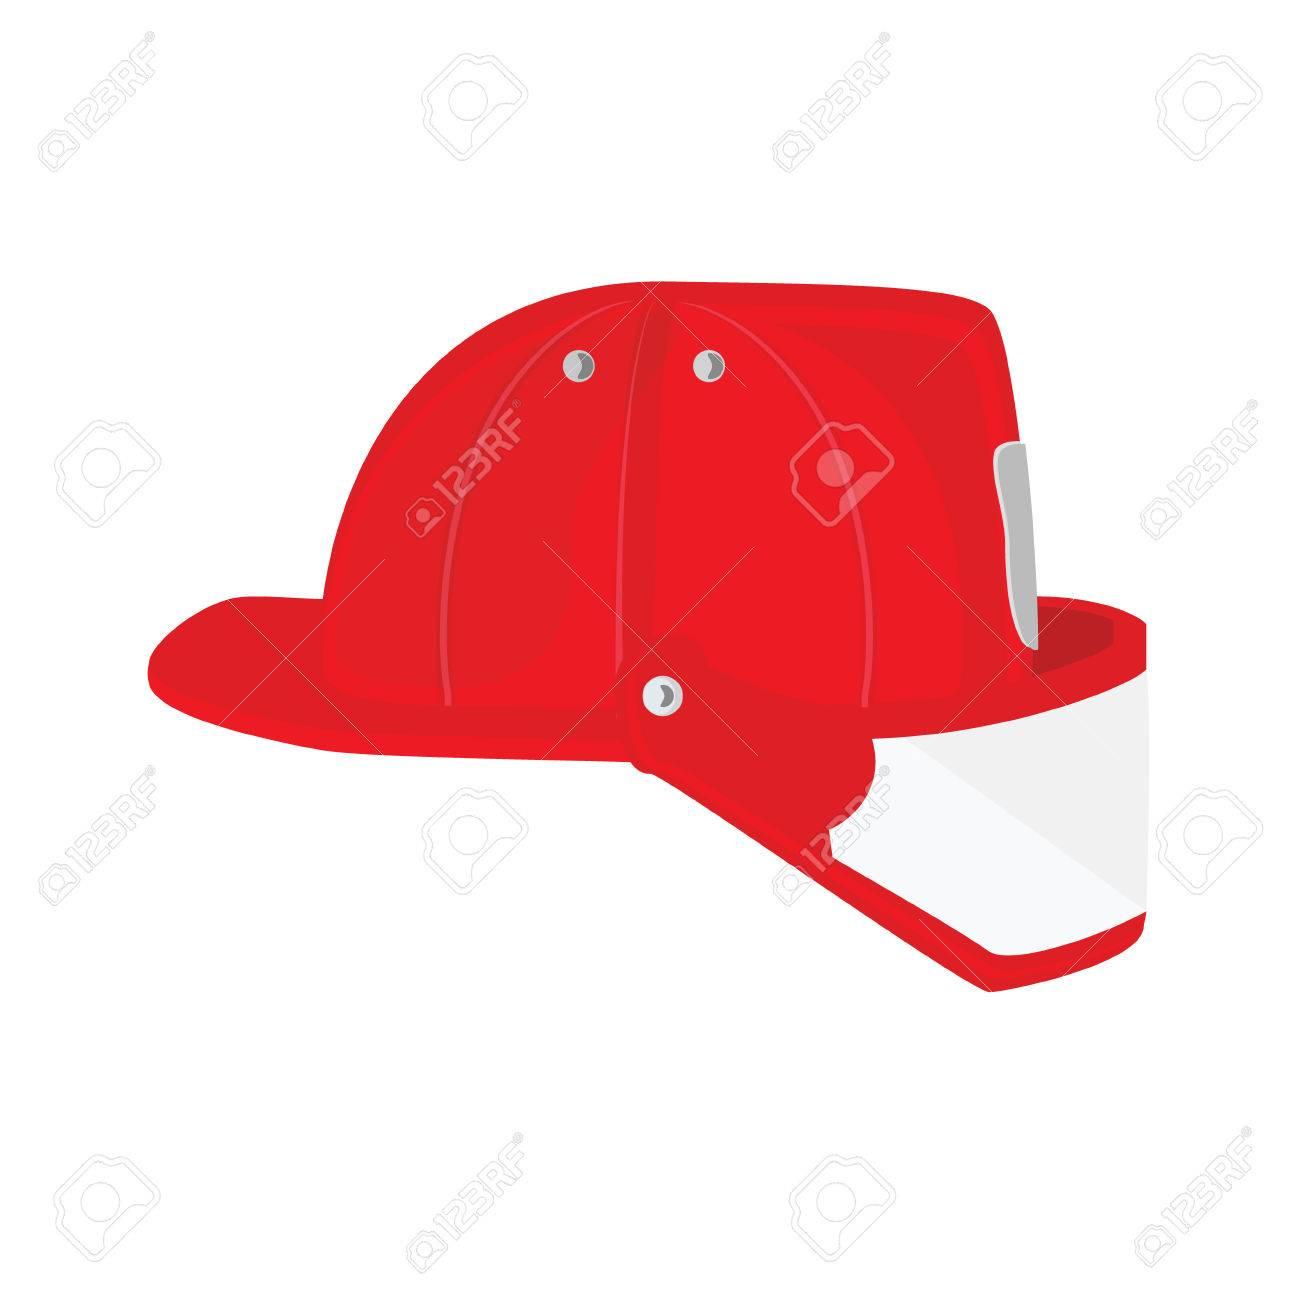 Foto de archivo - Vector ilustración bombero casco con cristal protector.  Icono sombrero de bombero rojo b128cc284de